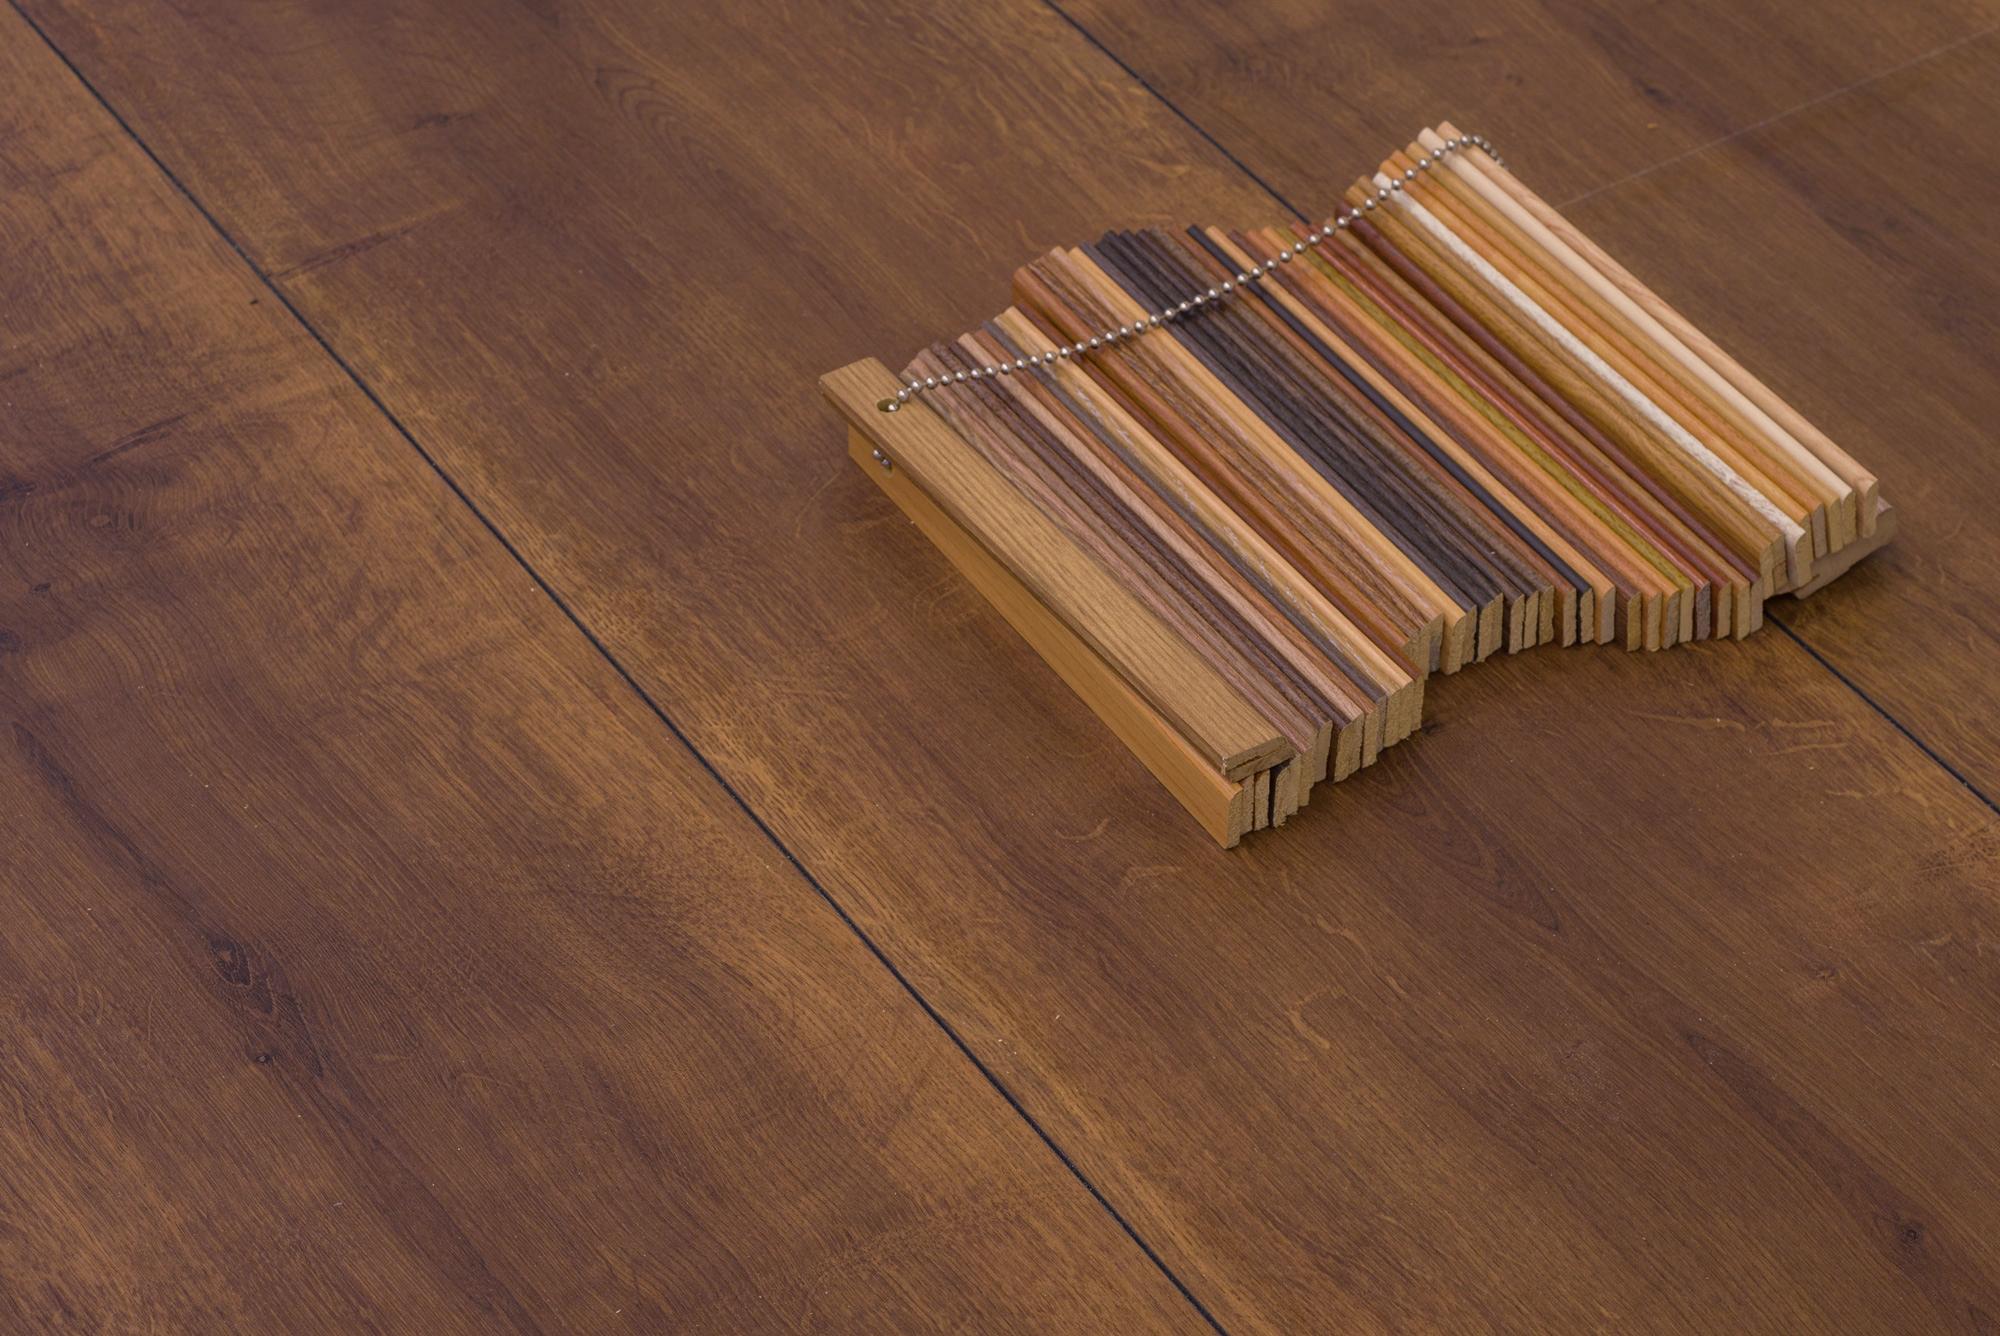 Laminaat Frans Eiken : Kasteel eiken vloer eiken vloer wooninspiratie xl eiken